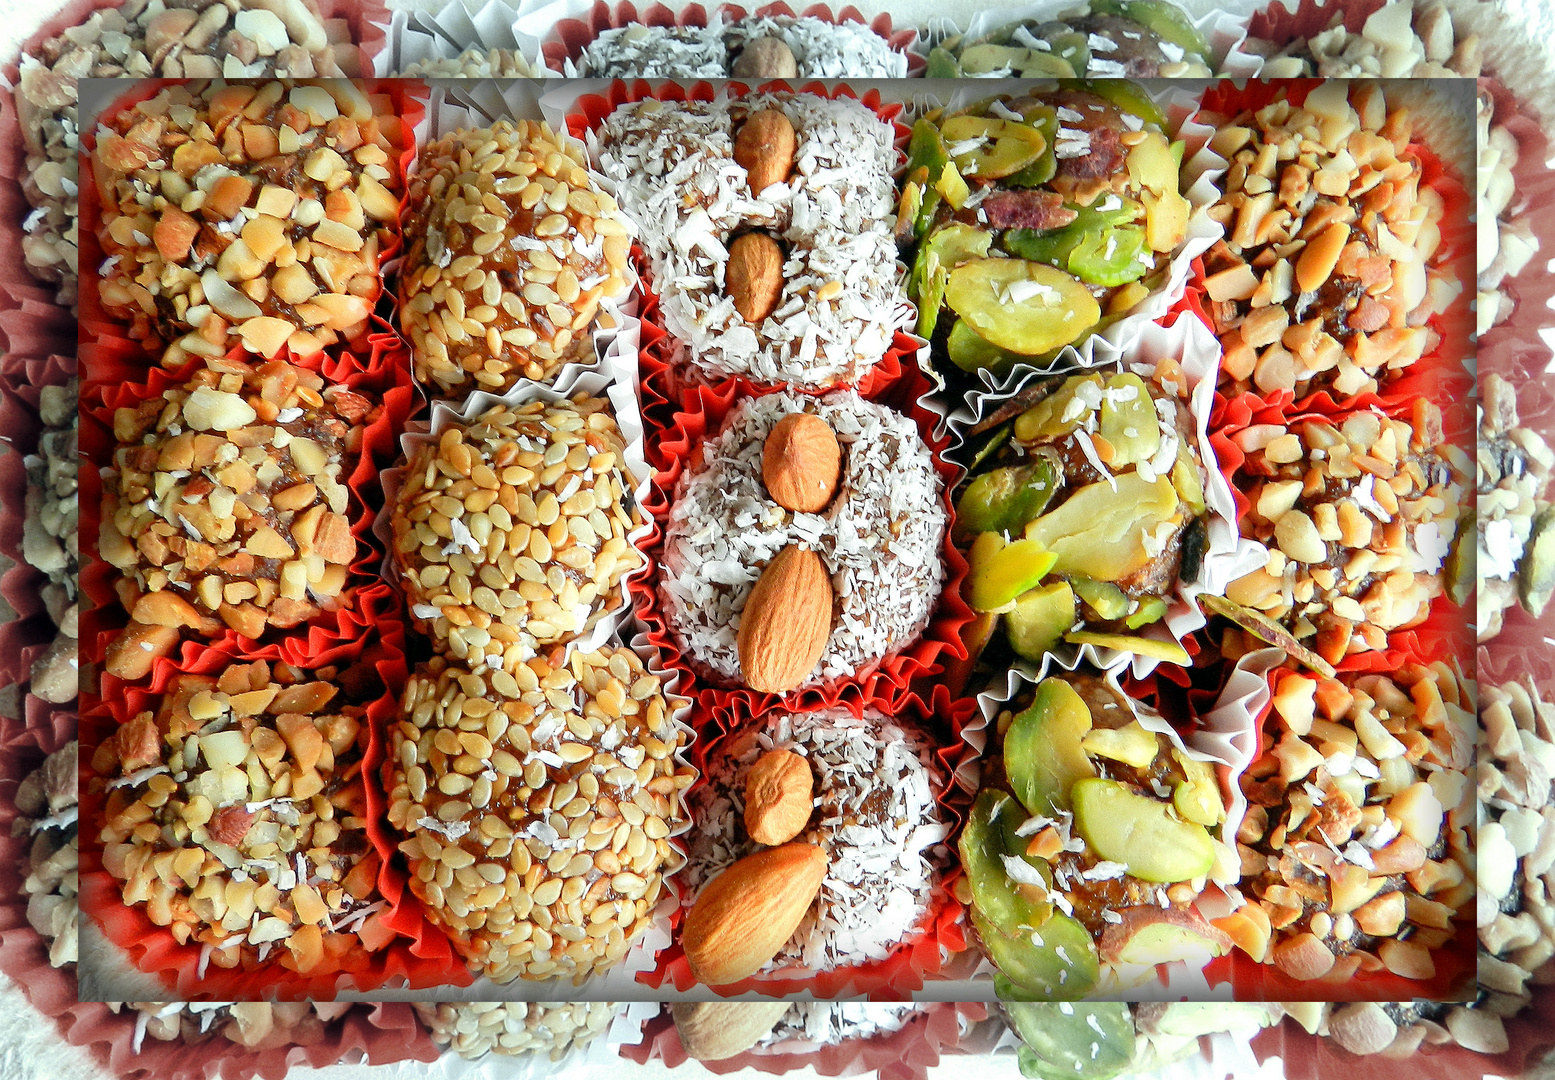 Bunte Pralinchen - ausgepackt, fotografiert und sofort aufgegessen